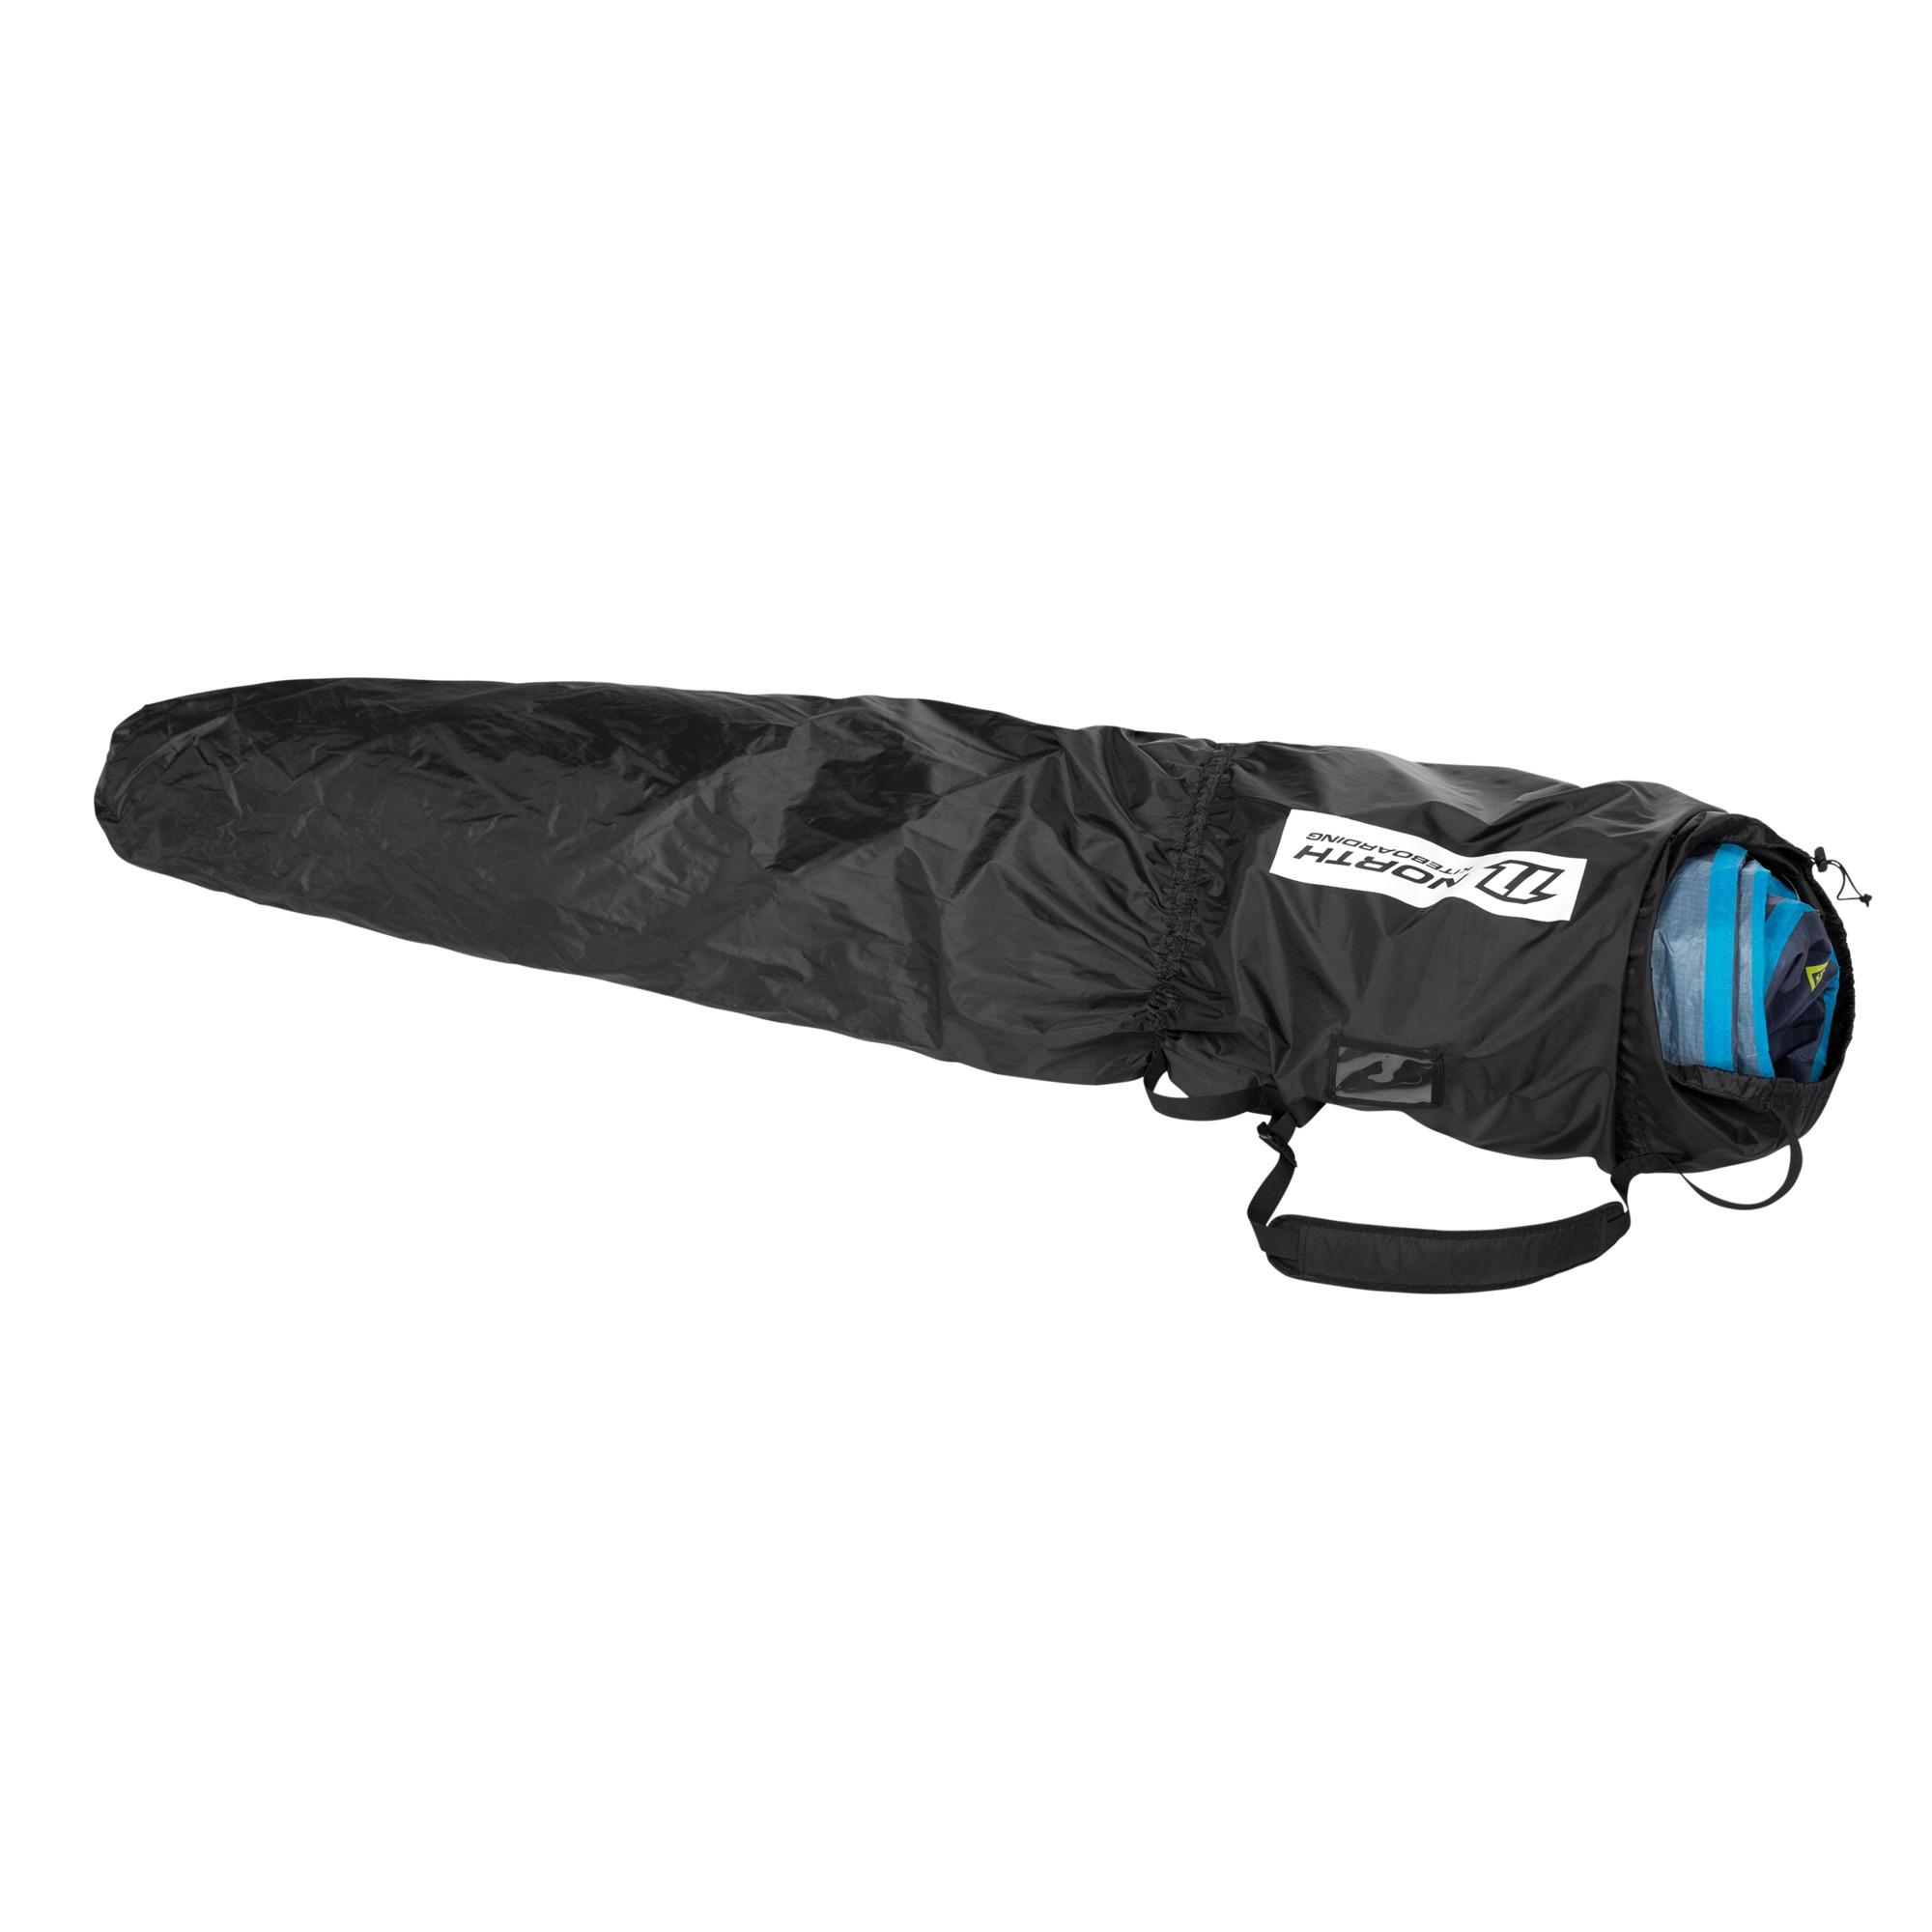 NKB Extension Kite Bag - Packsack für North Kites - Kitebag zum Verlängern - schwarz